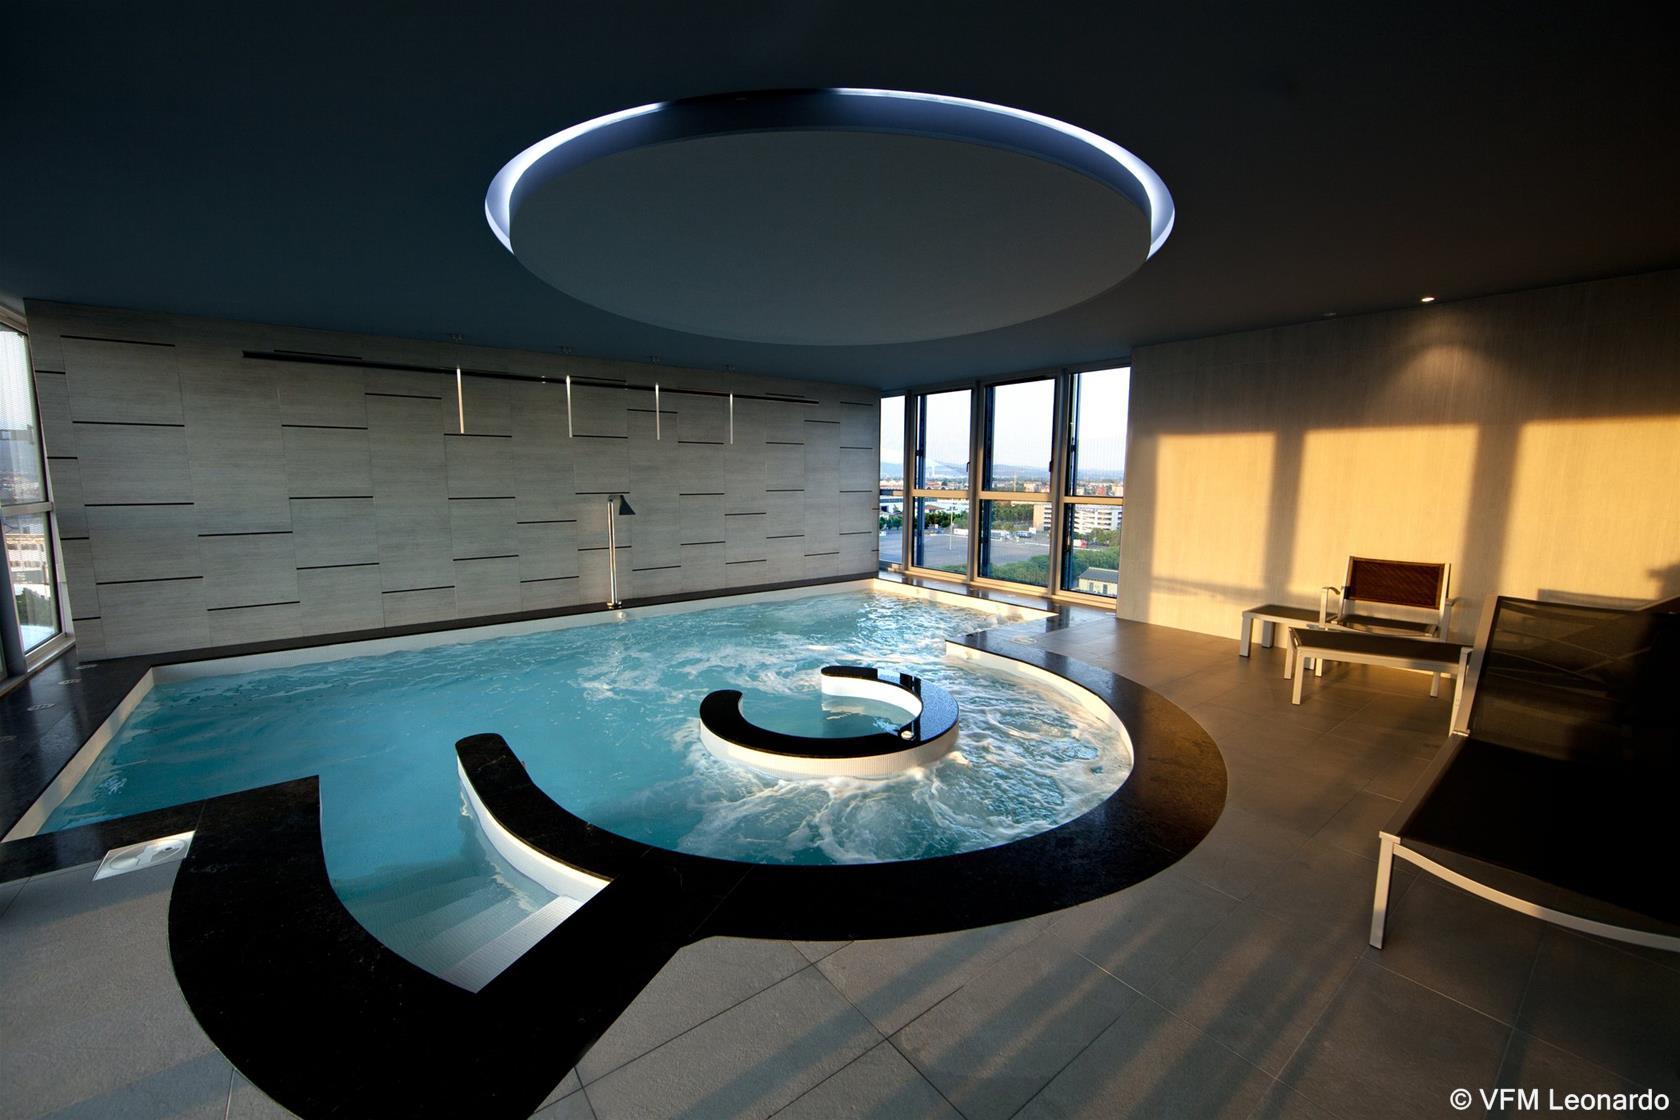 Treni roma verona da 21 offerte di biglietti - Hotels in verona with swimming pool ...